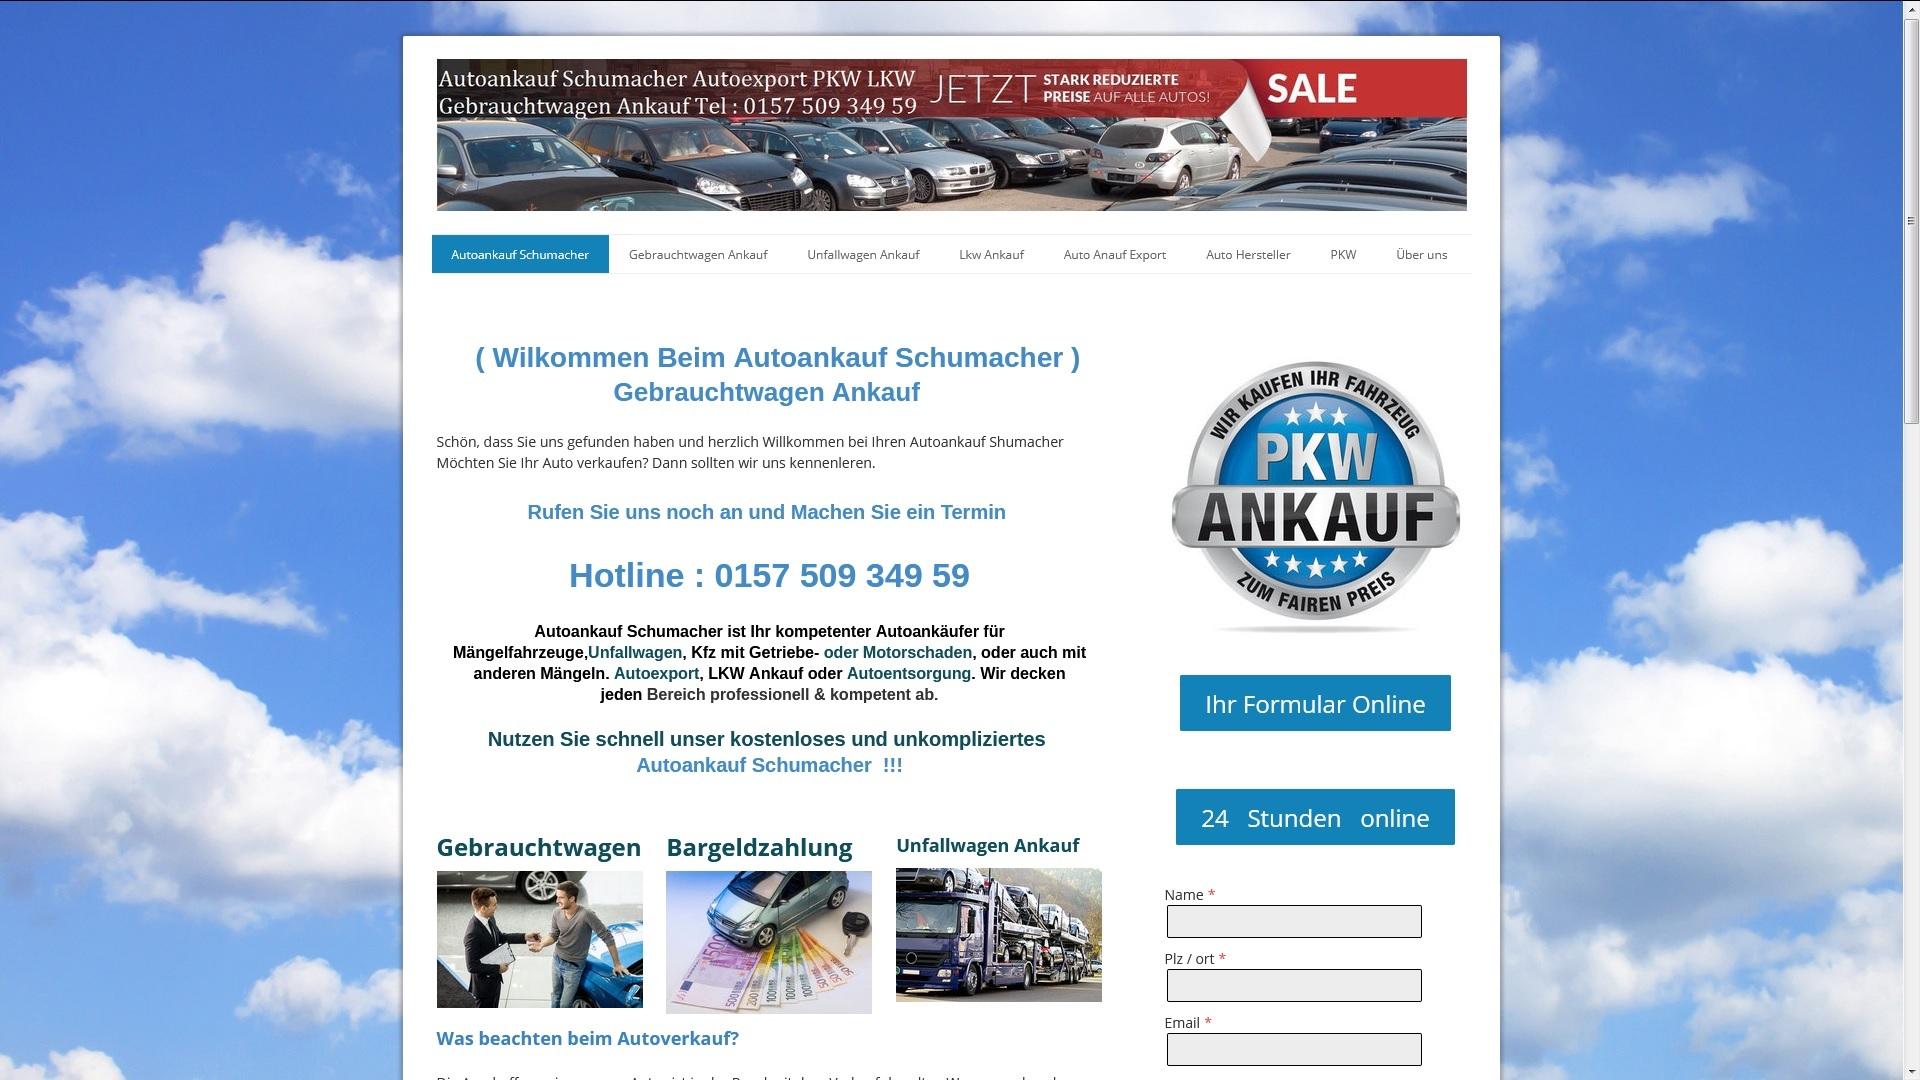 autoankauf schweinfurt autoankauf mit schaden ankauf von gebrauchtwagen mit motorschaden - Autoankauf Schweinfurt – Autoankauf mit Schaden – Ankauf von Gebrauchtwagen mit Motorschaden